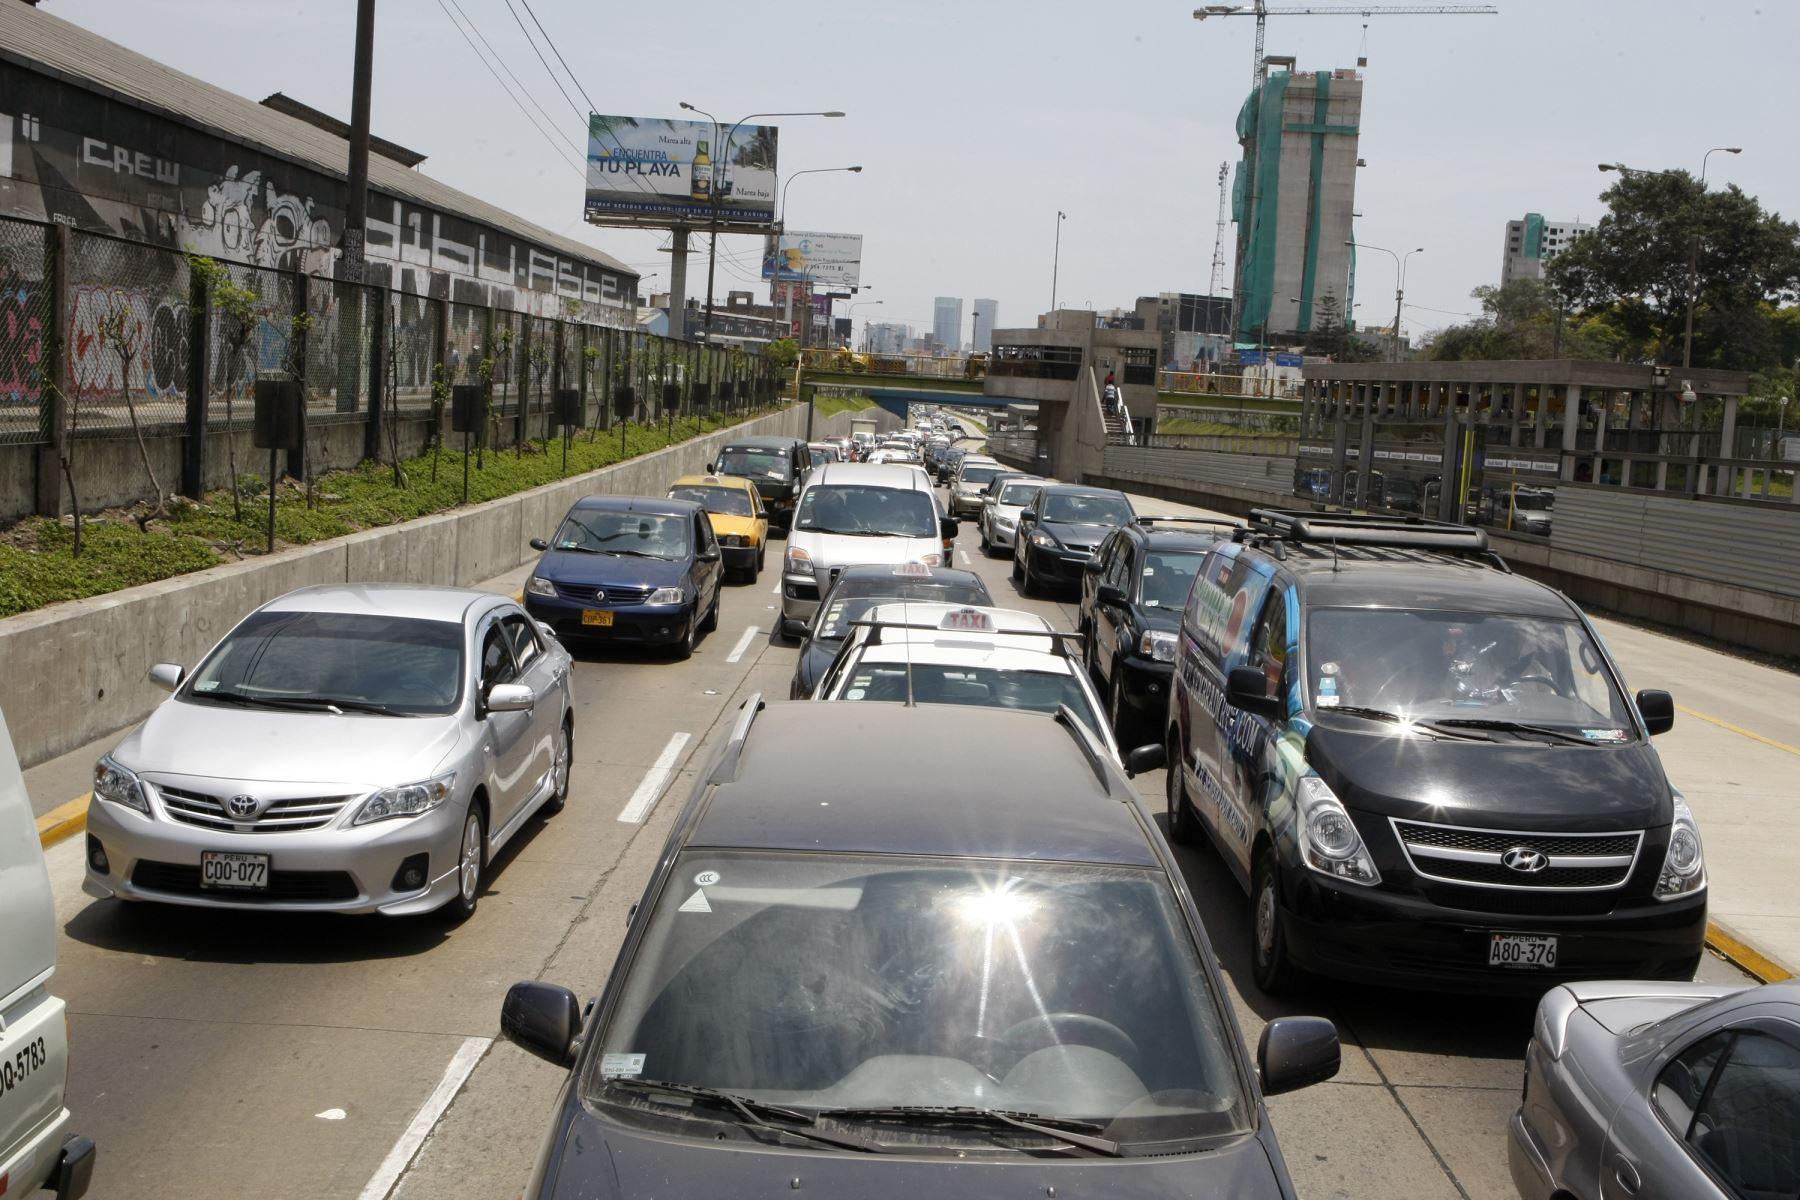 Procesión de autos. Panorama usual en hora punta en la Vía Expresa de Paseo de la República cualquier día de la semana. Foto: ANDINA